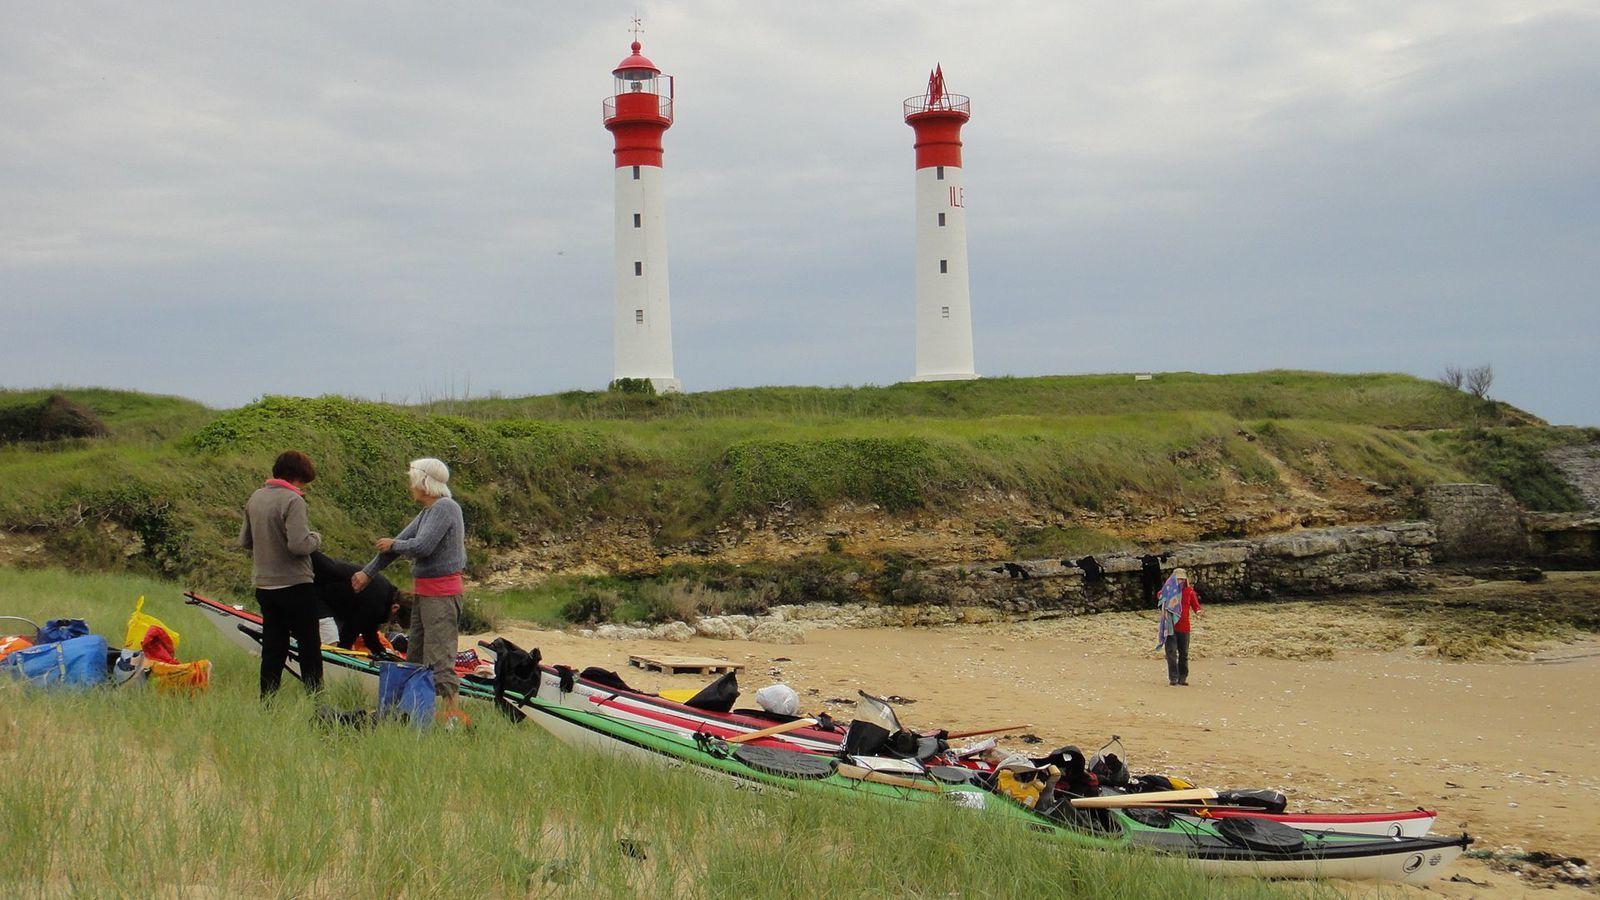 Méditerranée 2016 : étape à Oléron, Fort Boyard et l'île d'Aix